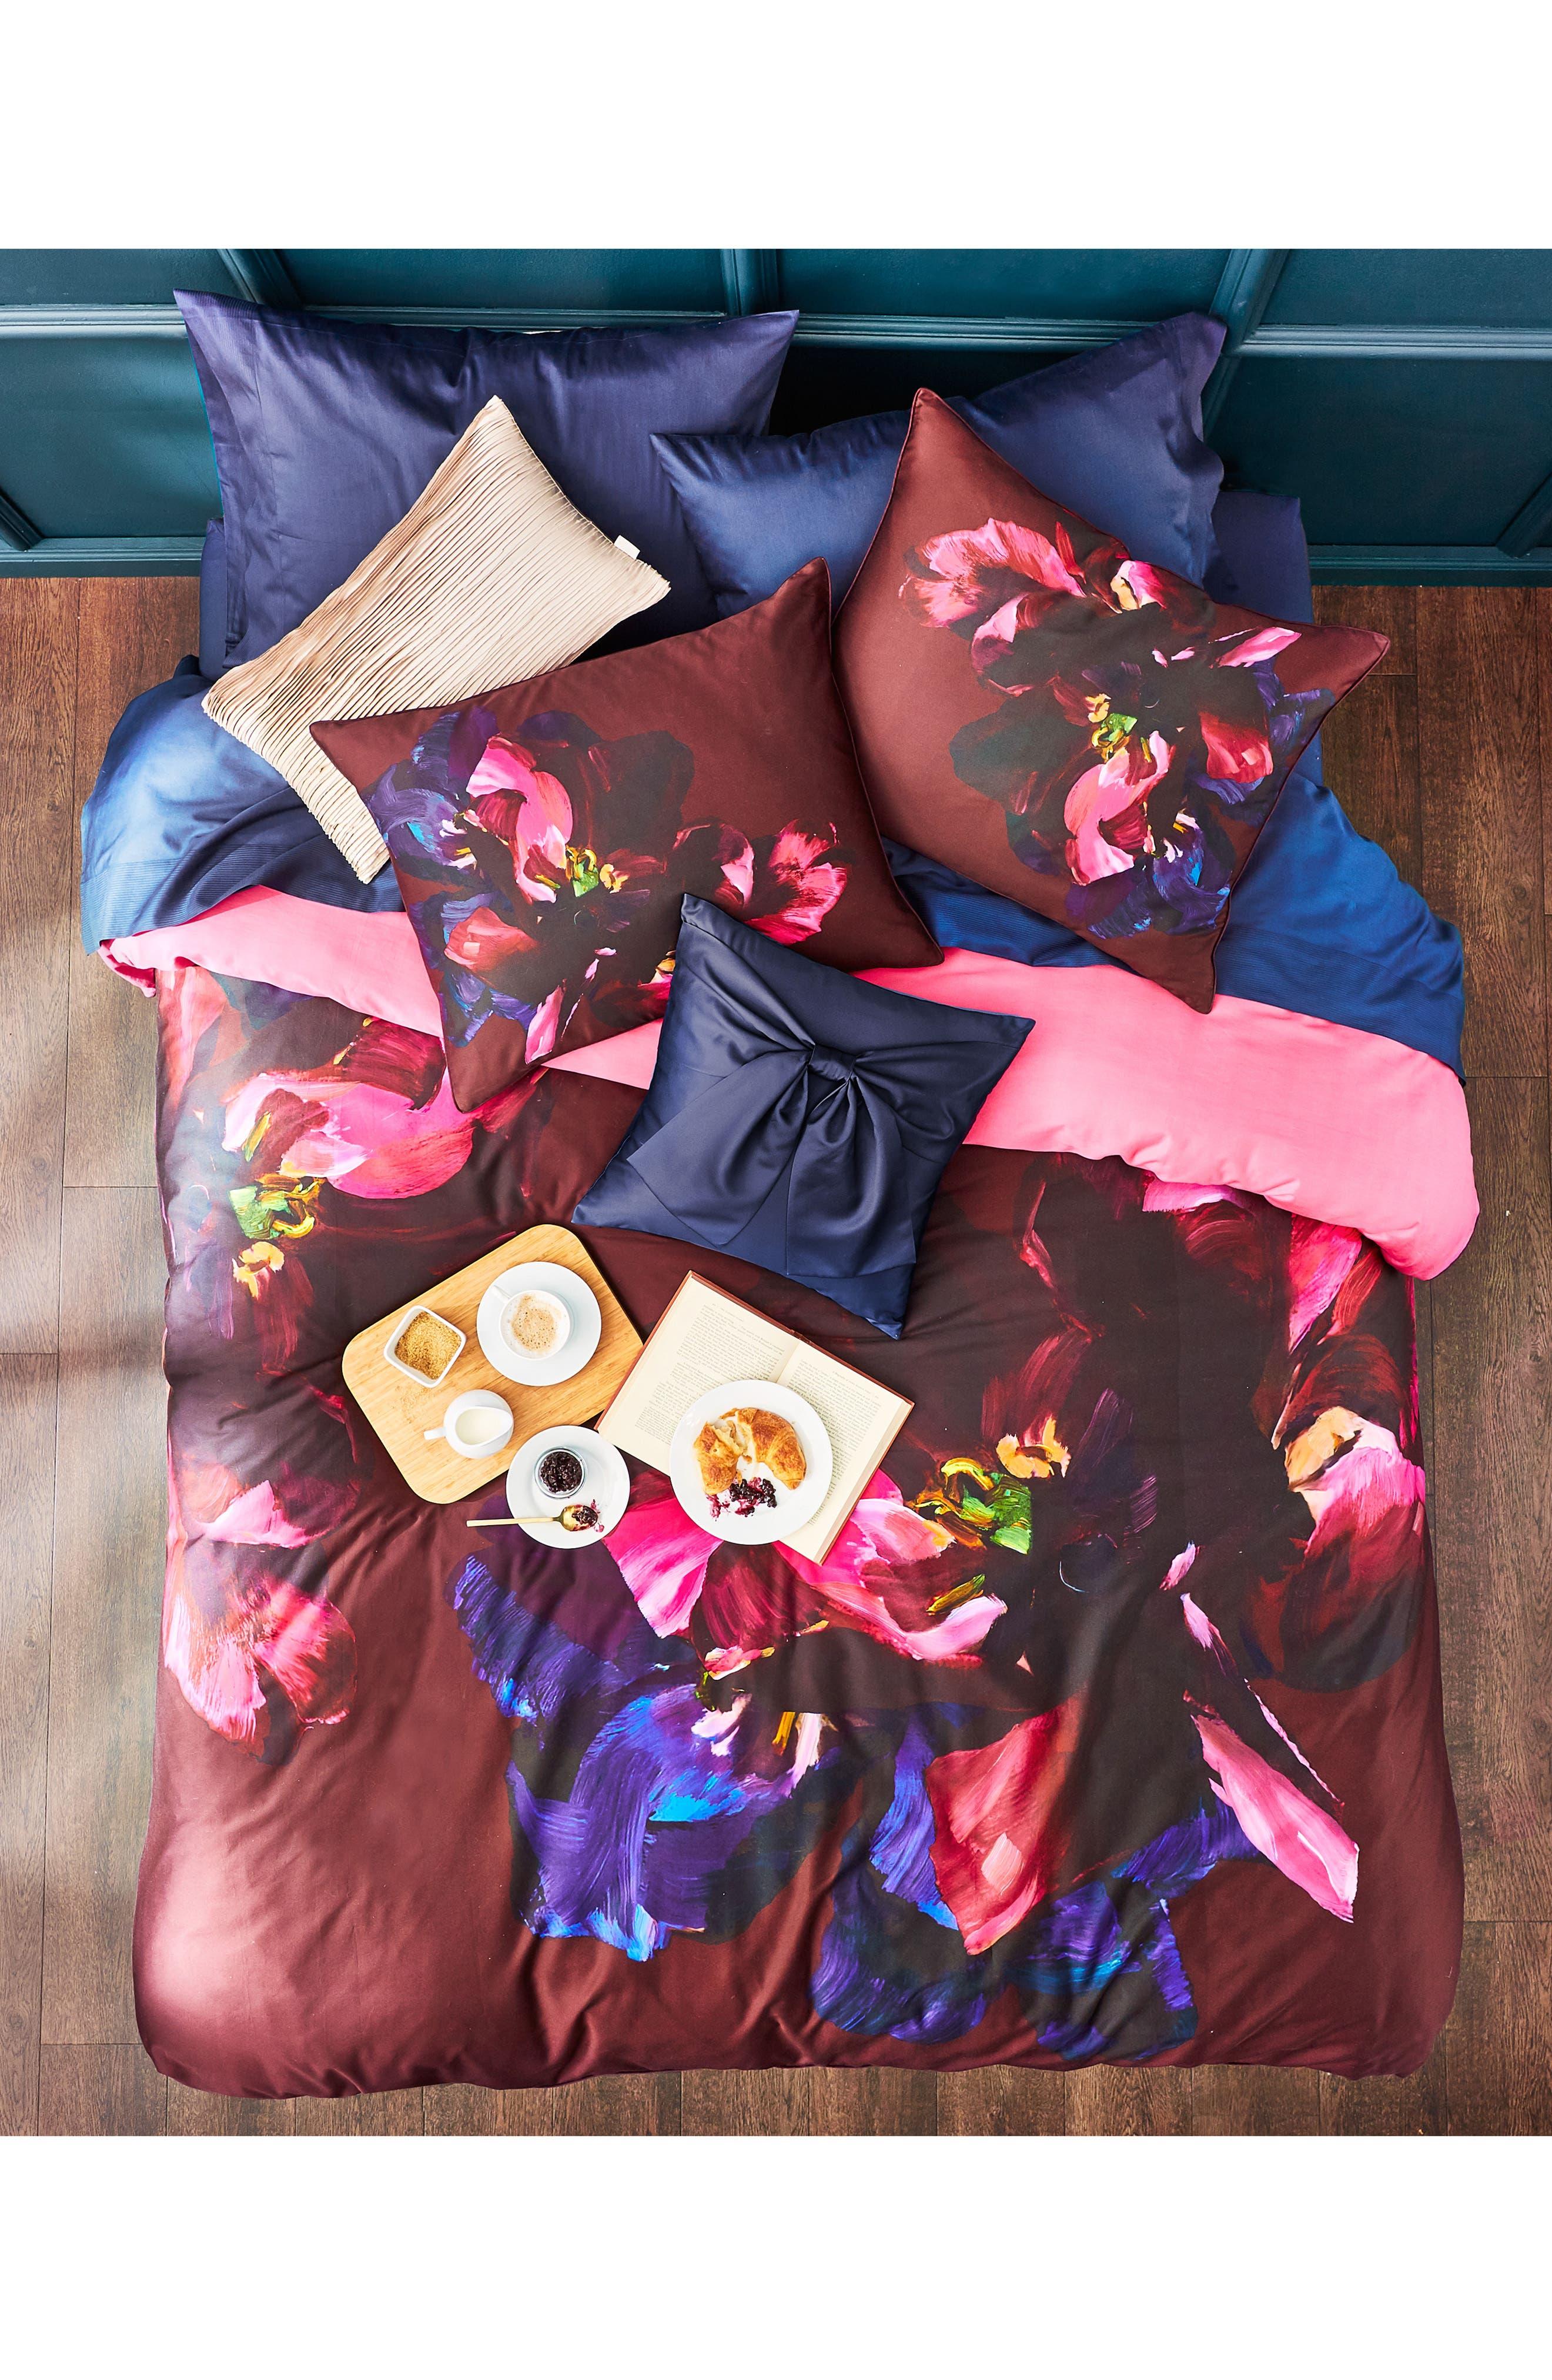 TED BAKER LONDON,                             Impressionist Bloom Comforter & Sham Set,                             Alternate thumbnail 5, color,                             650